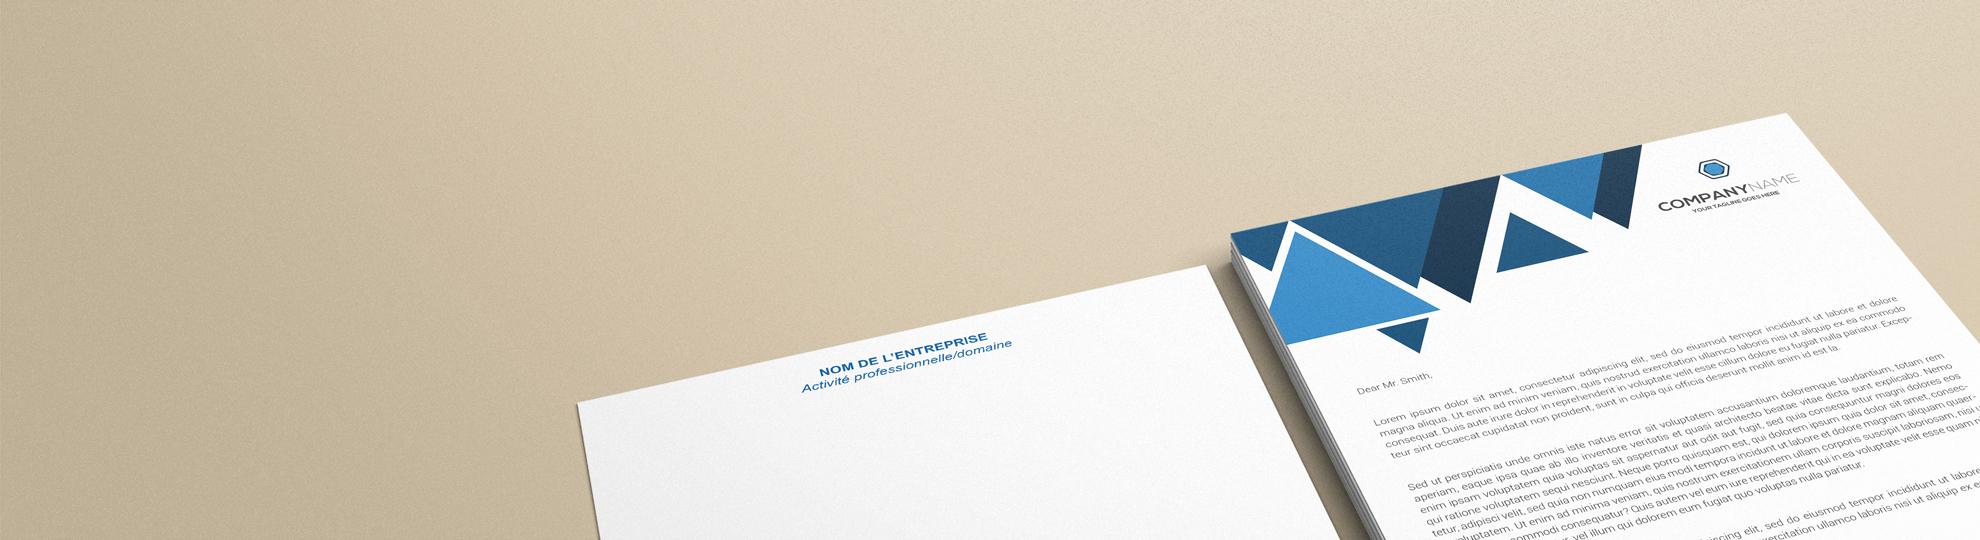 Papier à lettre standard personnalisable à imprimer entête